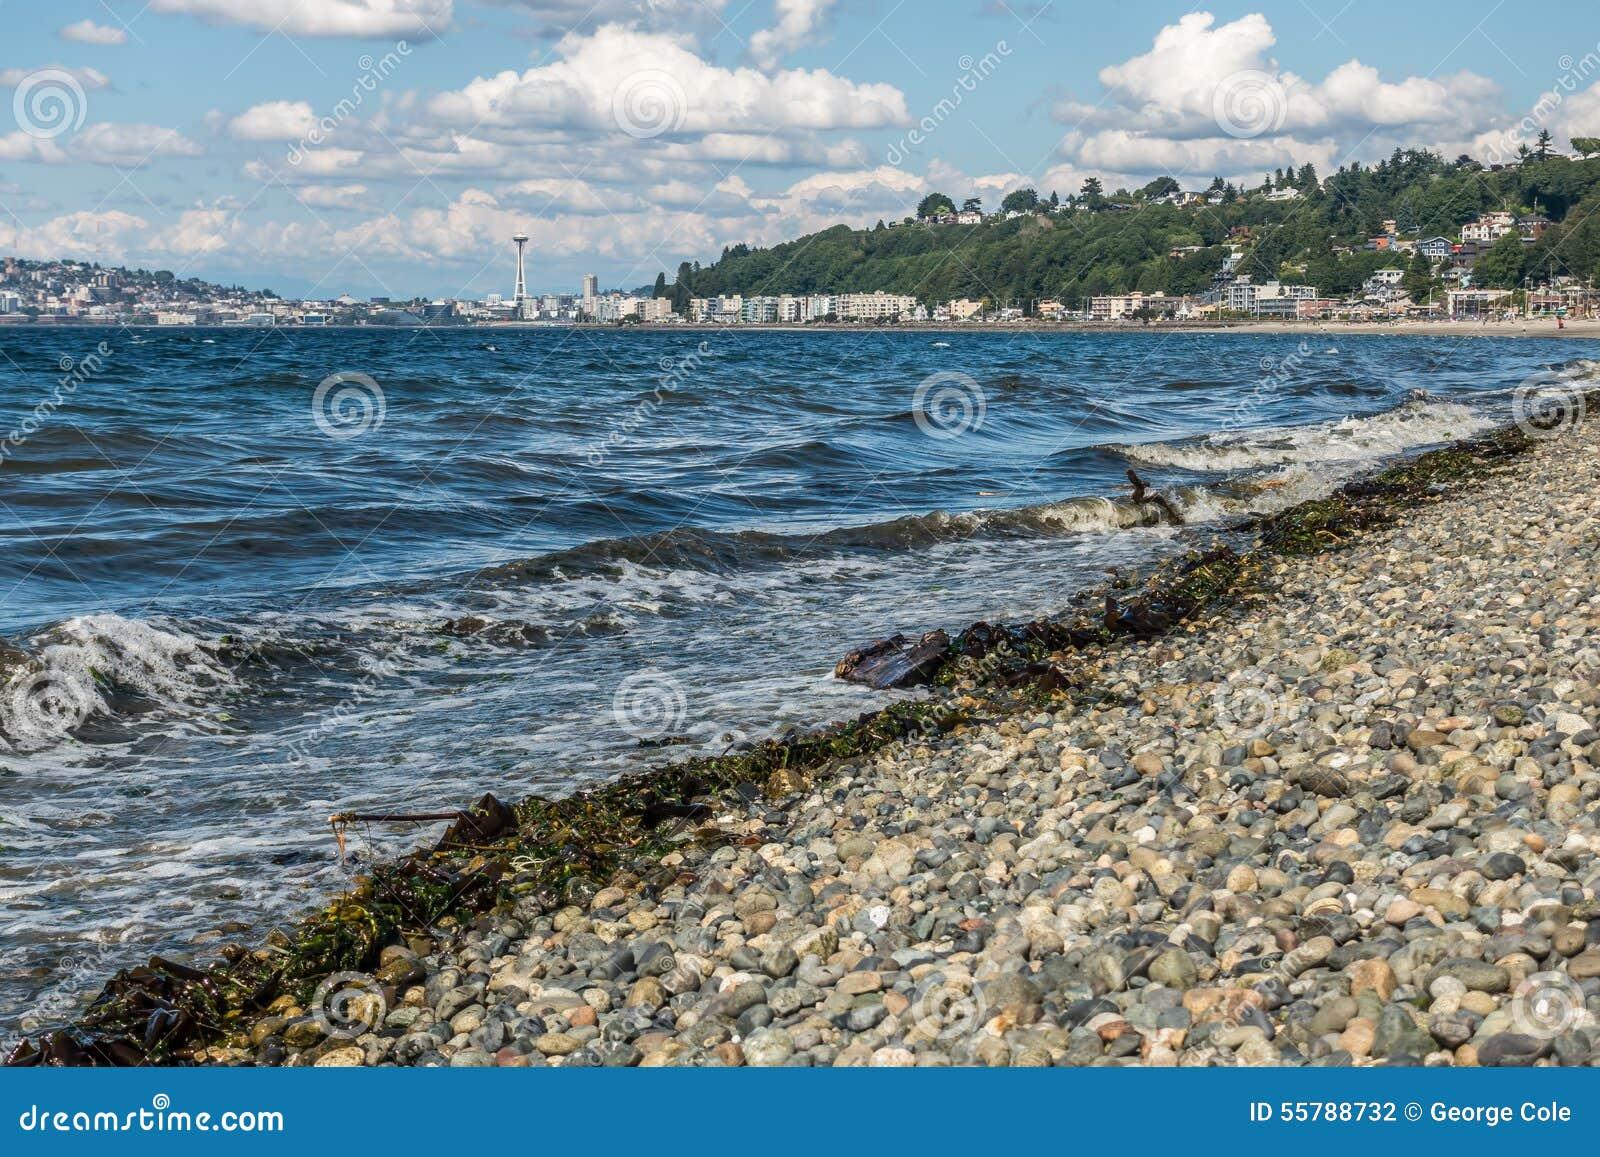 Alki Beach In West Seattle 2